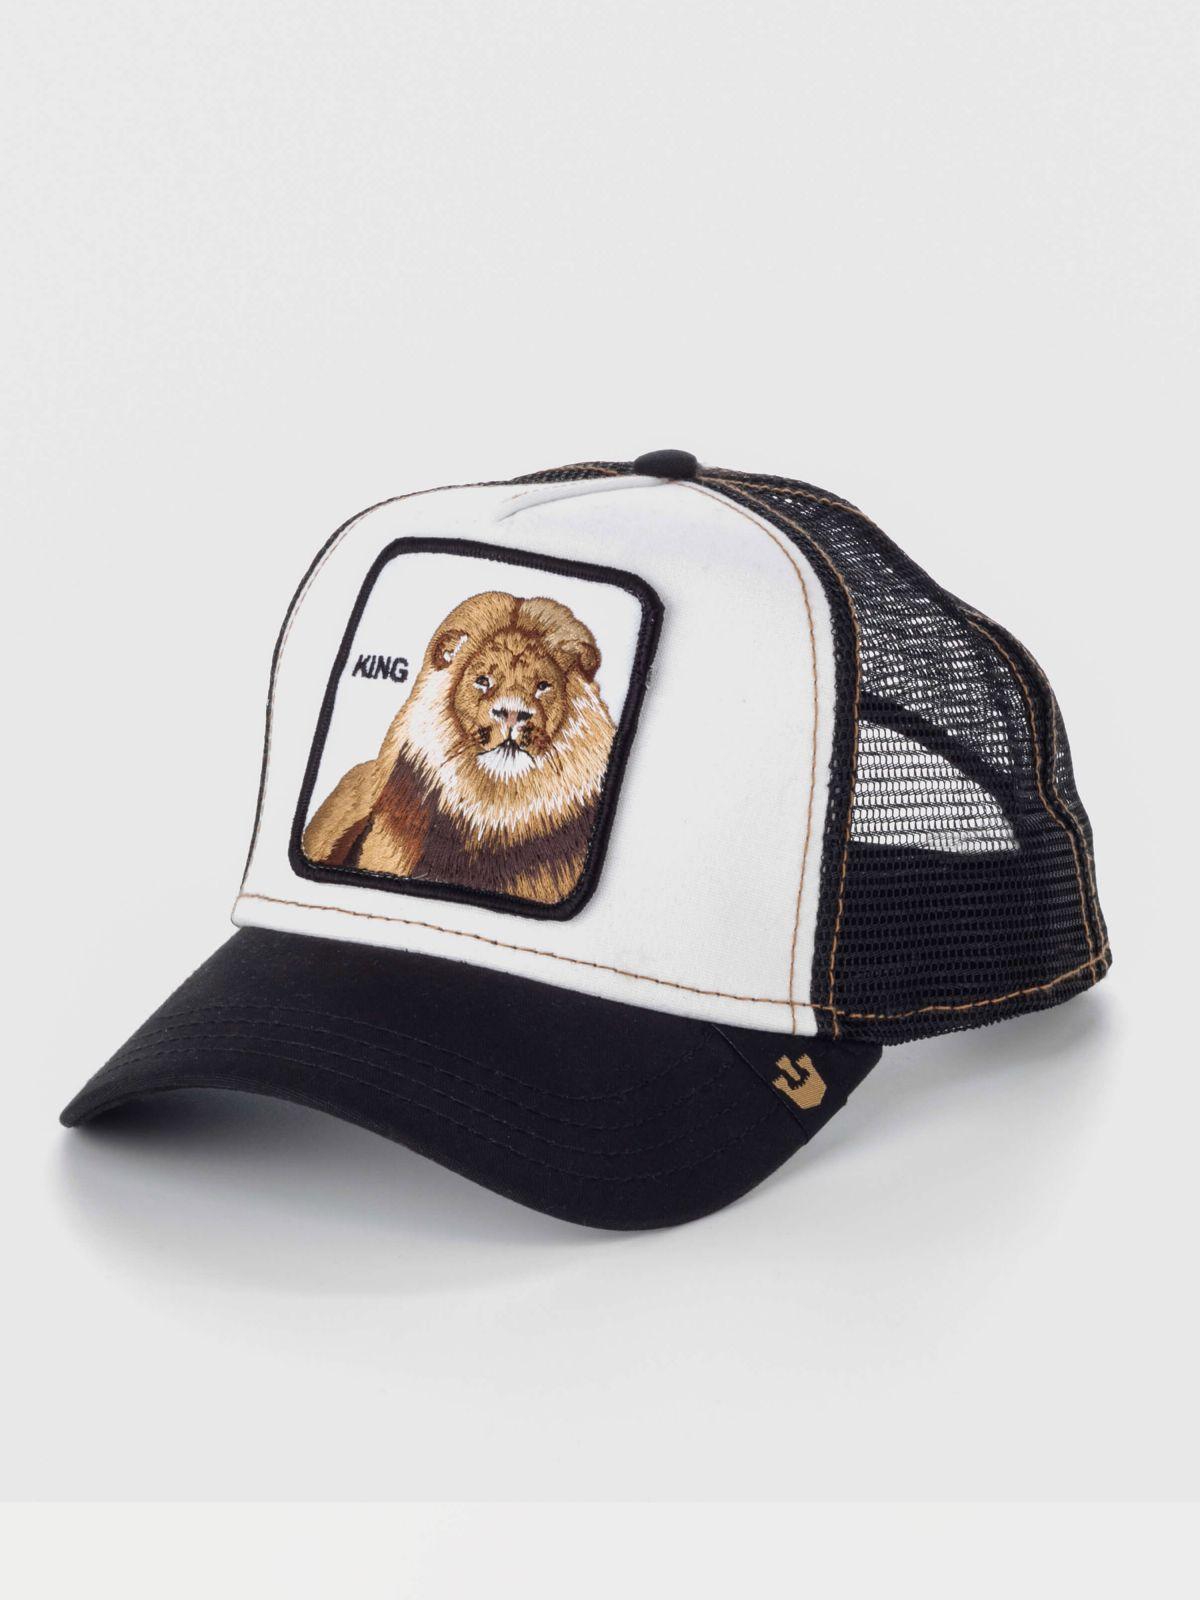 כובע מצחיה עם פאץ' אריהכובע מצחיה עם פאץ' אריה של GOORIN BROS